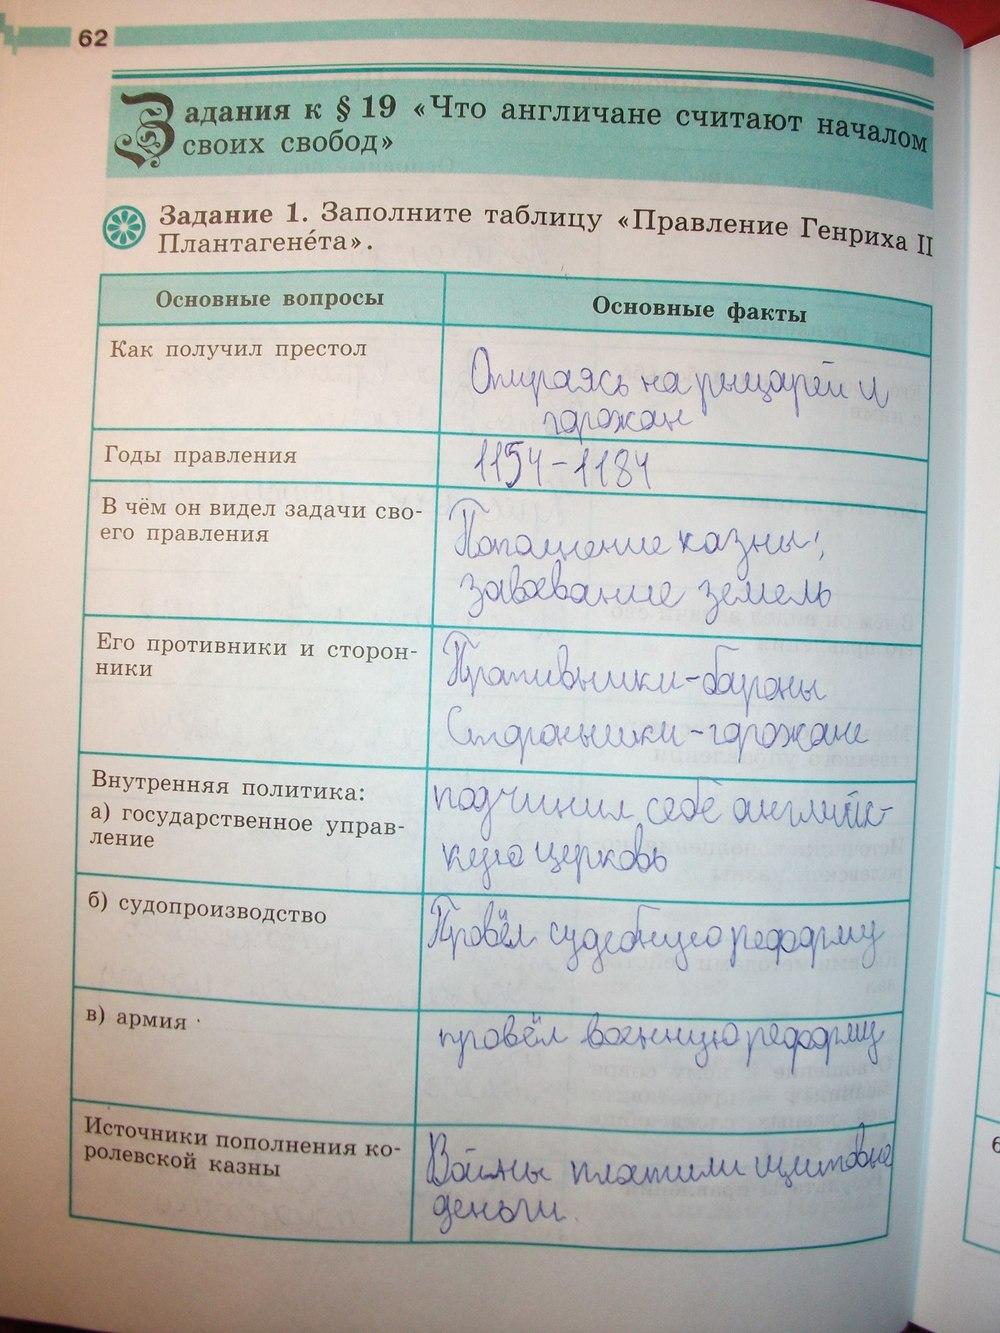 Решебник По Истории 6 Класс К Учебнику Ведюшки Рабочая Тетрадь